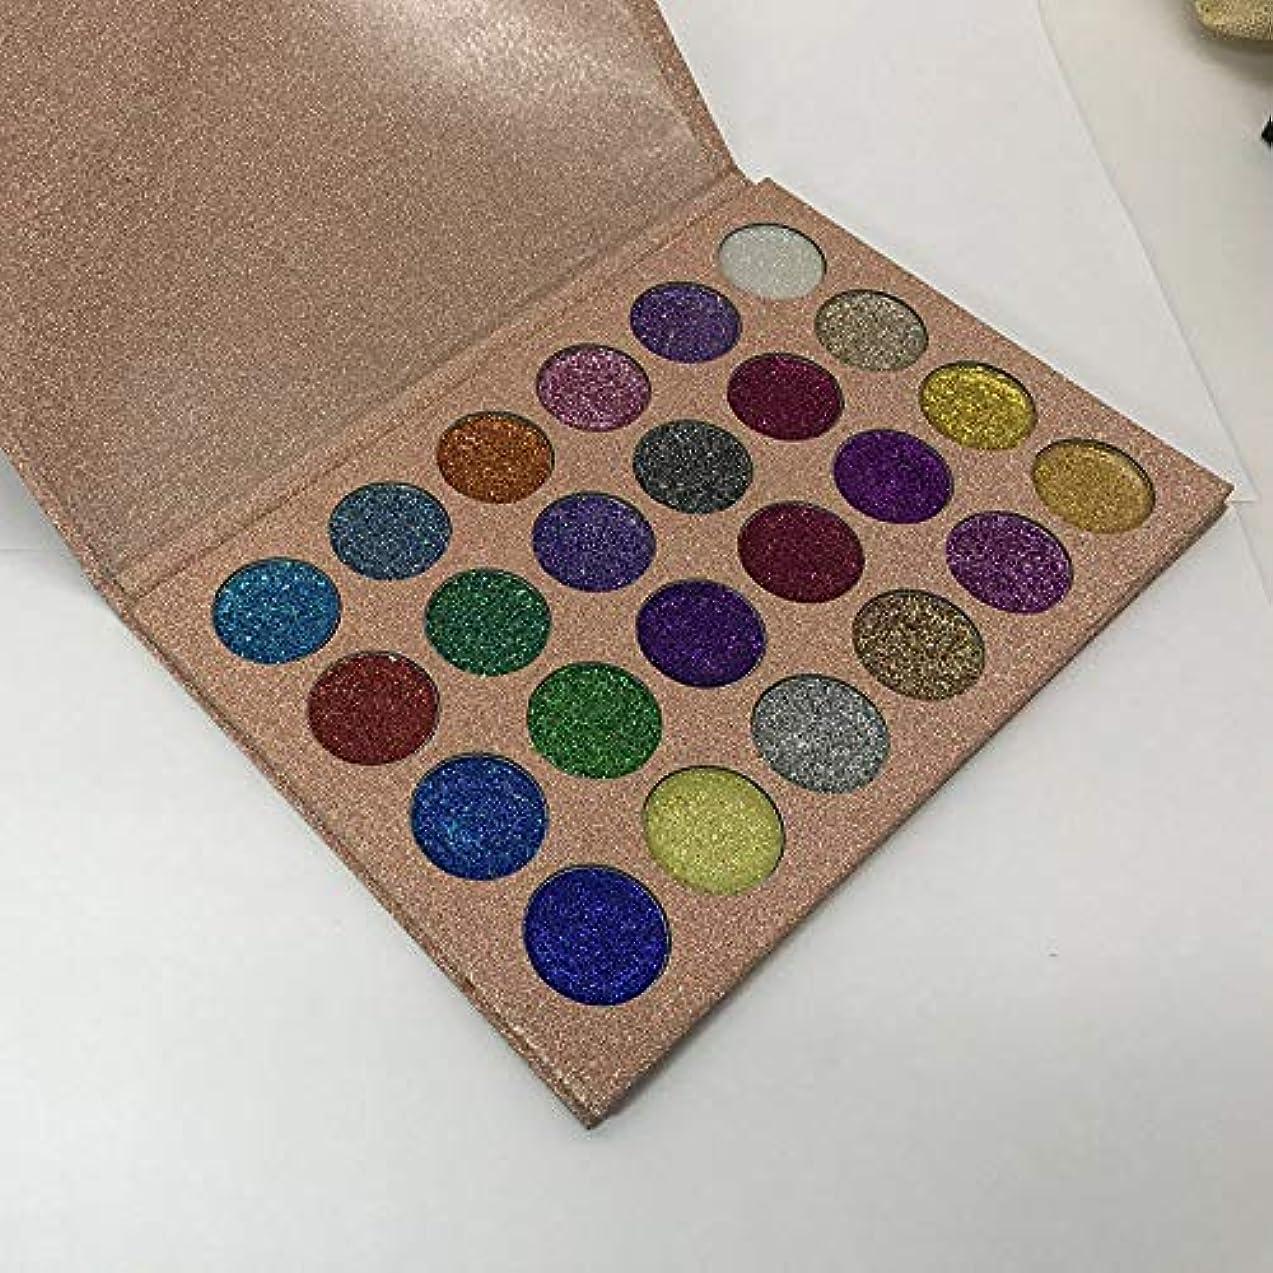 抗生物質判決年齢FidgetGear アイシャドウ化粧ファッション24色押しグリッターアイシャドウパレット化粧品